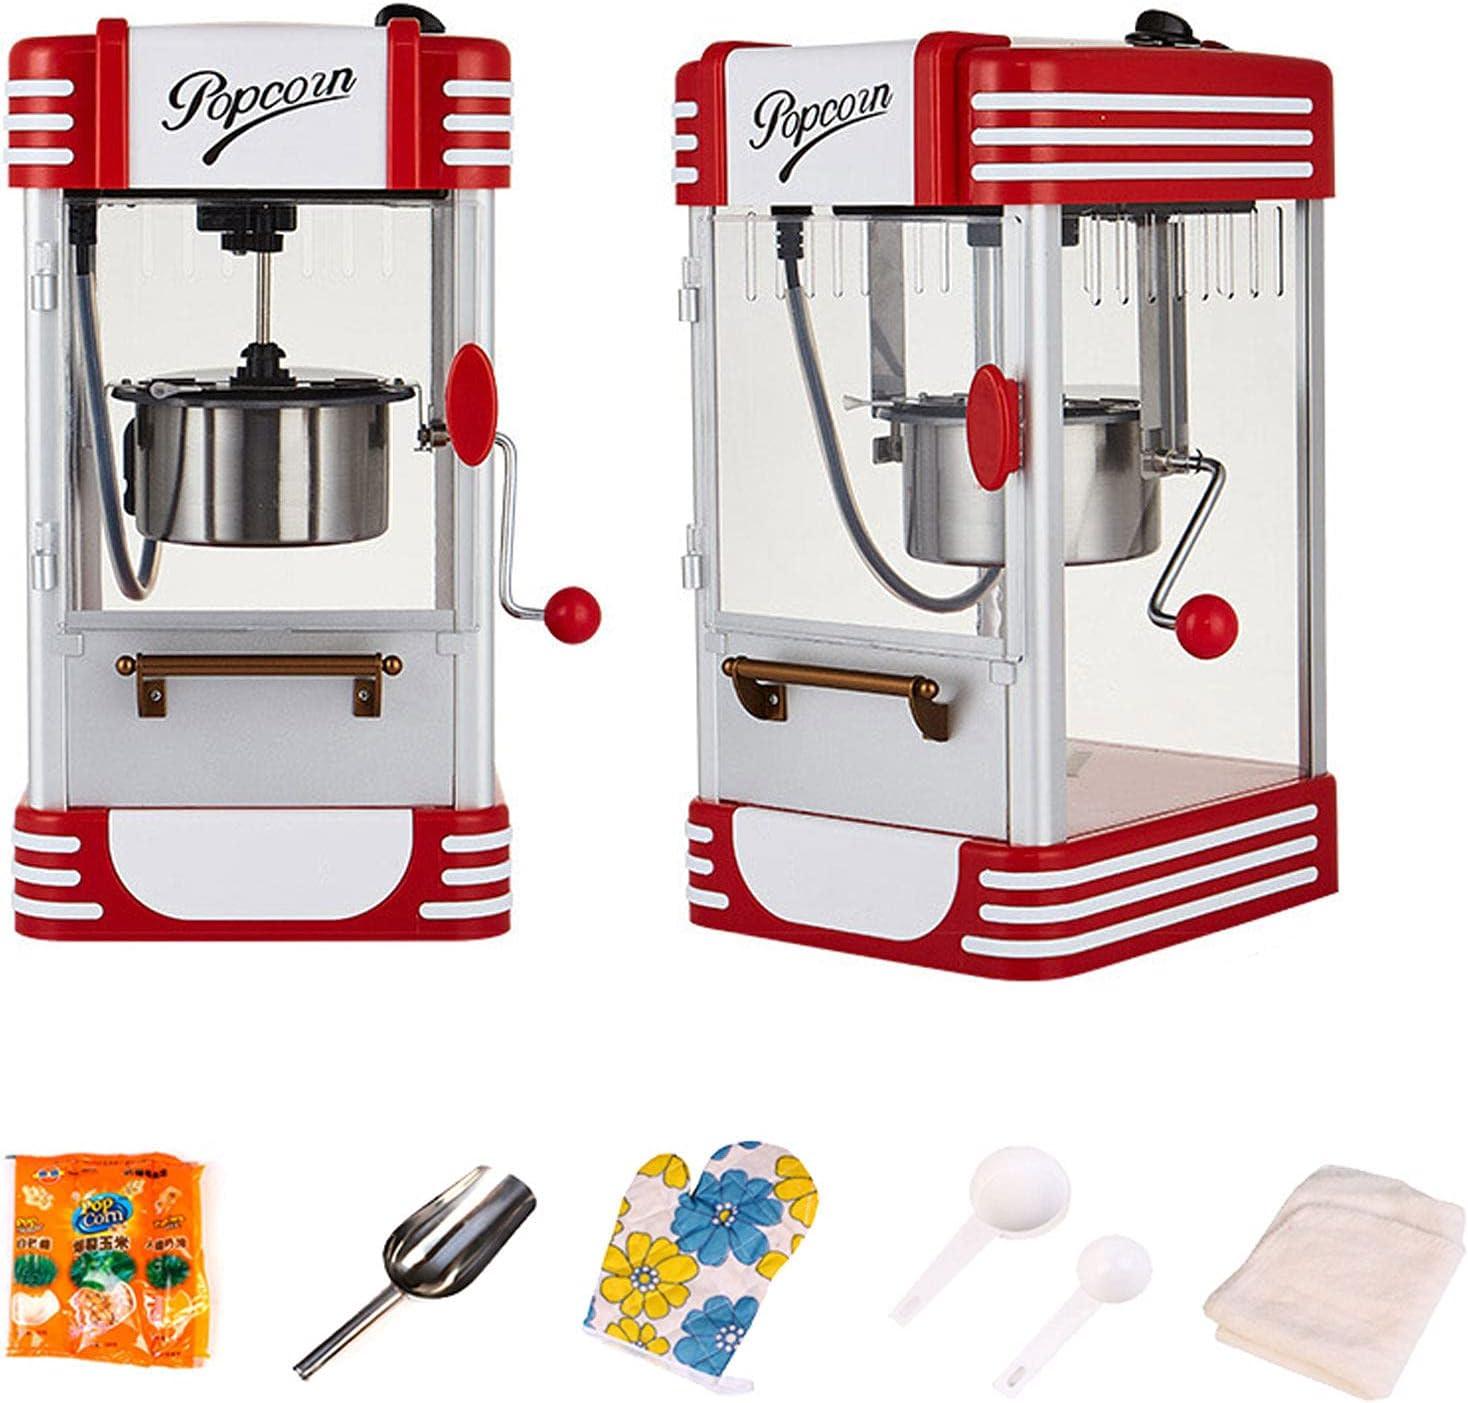 Popcorn Popper Maker Home wi Cheap Air Electric Machine Max 81% OFF